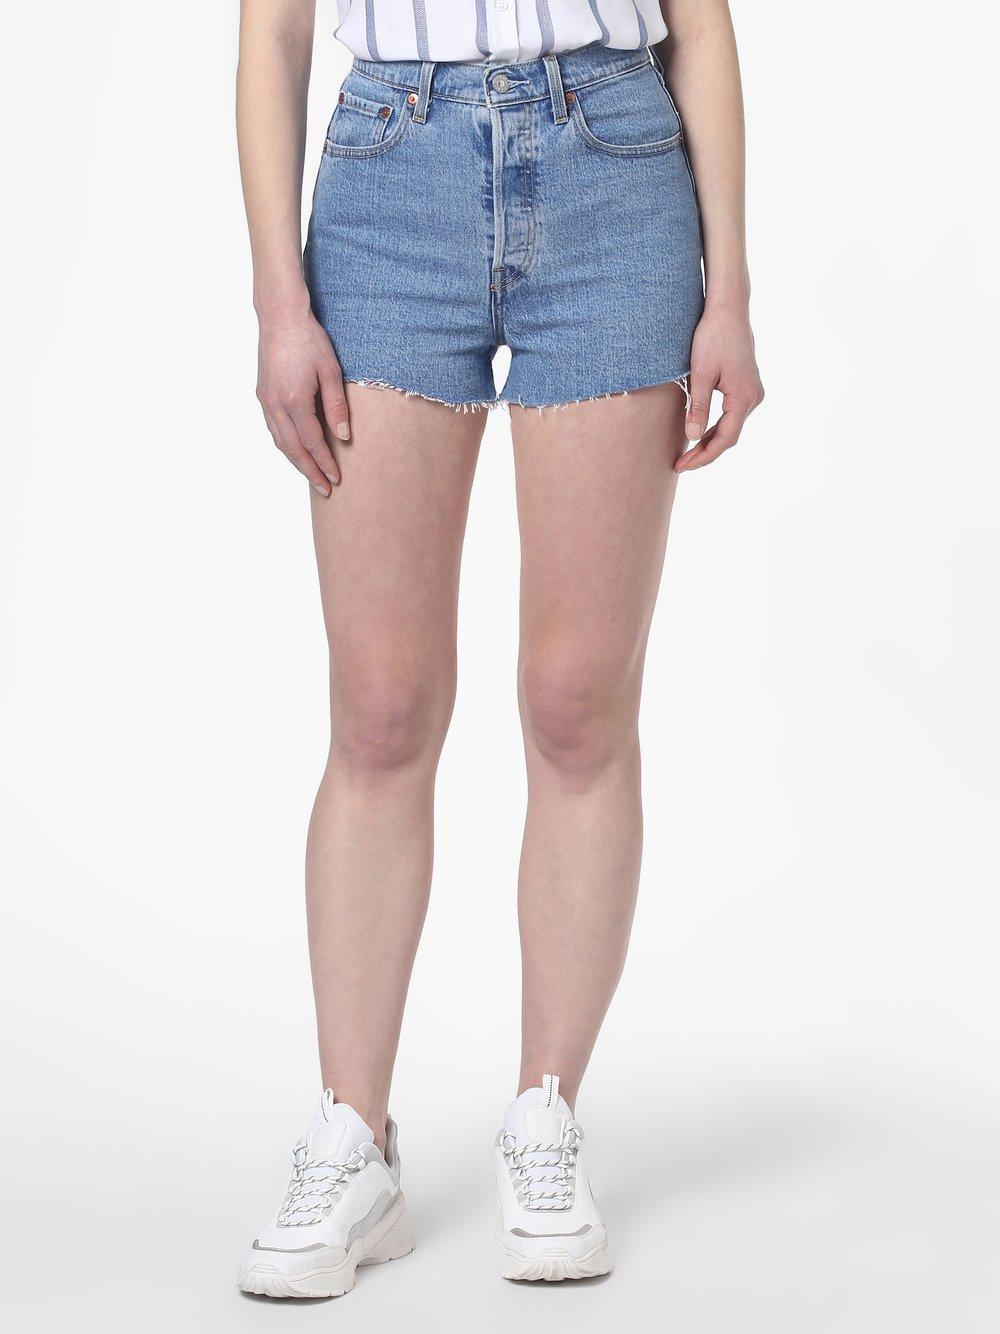 Levi's - Damskie krótkie spodenki jeansowe – Ribcage, niebieski